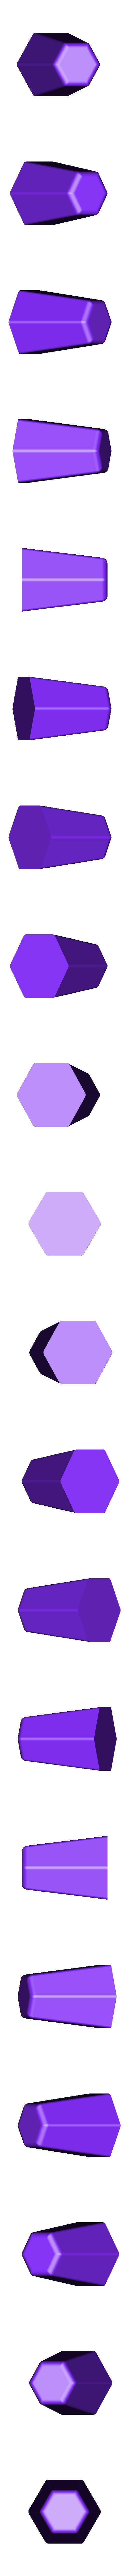 medio.stl Télécharger fichier STL gratuit Moule à pot hexagonal • Objet à imprimer en 3D, artemisa3d